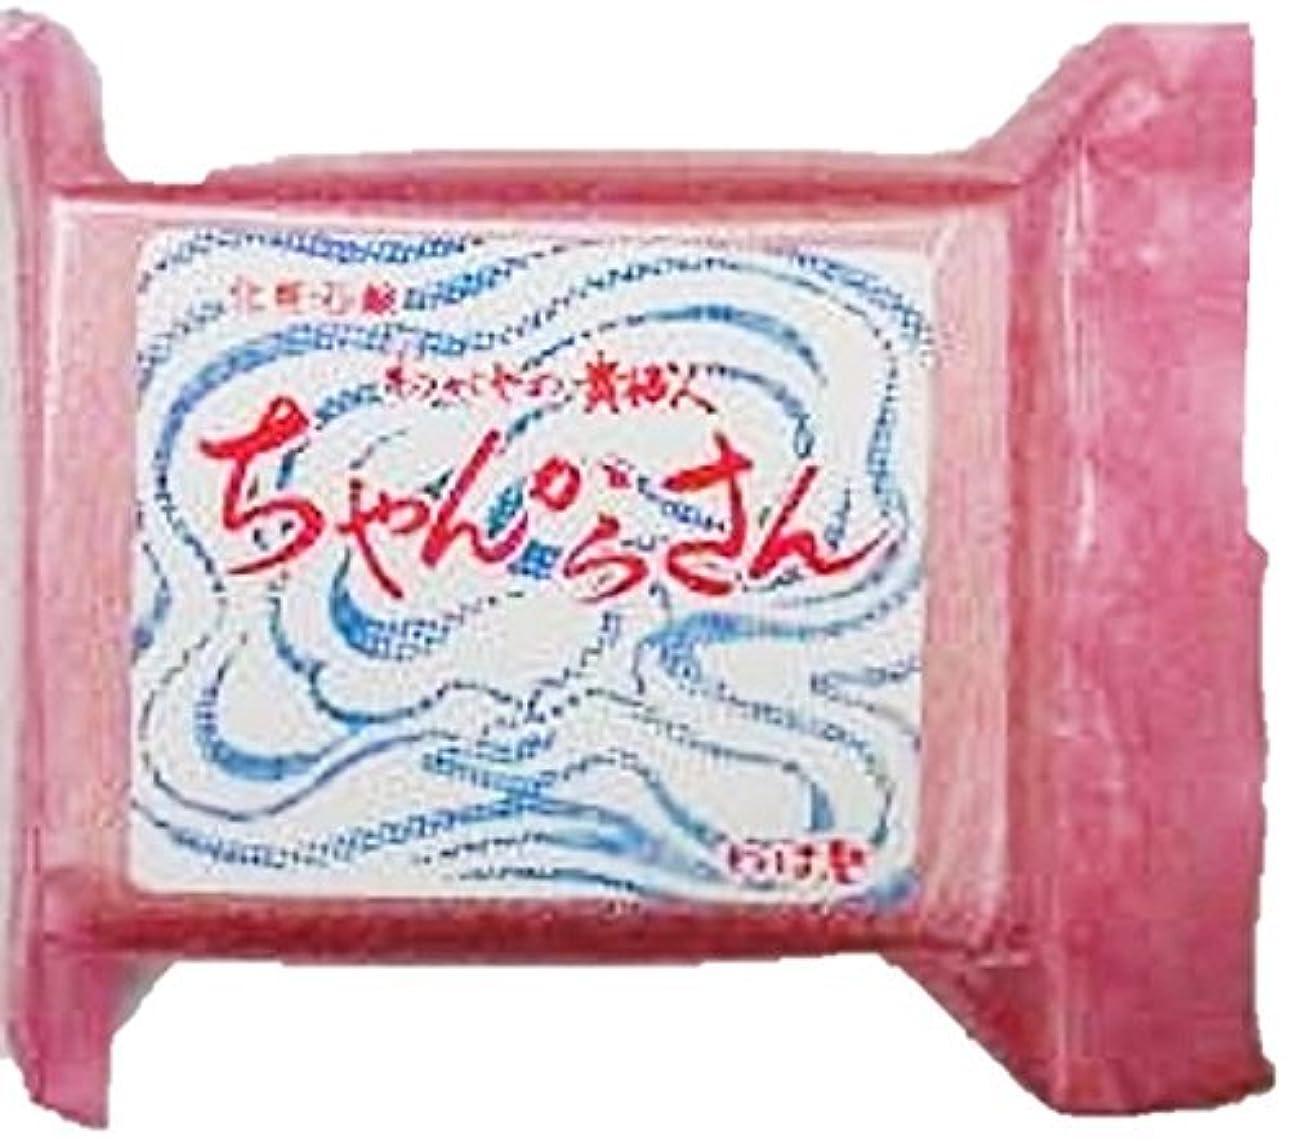 リサイクルするリーダーシップ子羊ちゃんからさん 化粧石鹸 (95g)